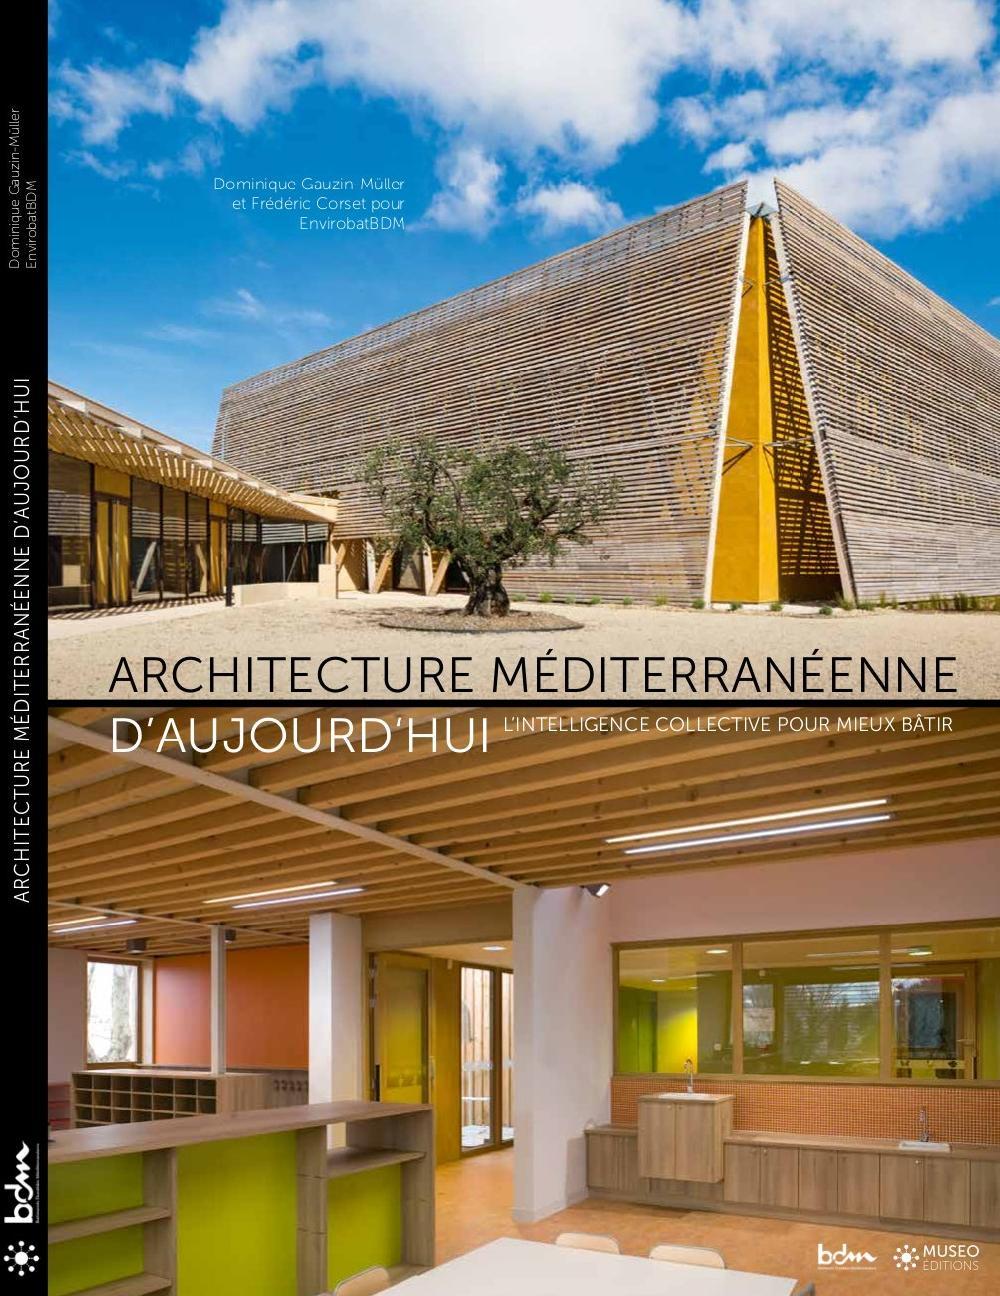 Architecture méditerranéenne d'aujourd'hui - L'intelligence collective pour mieux bâtir